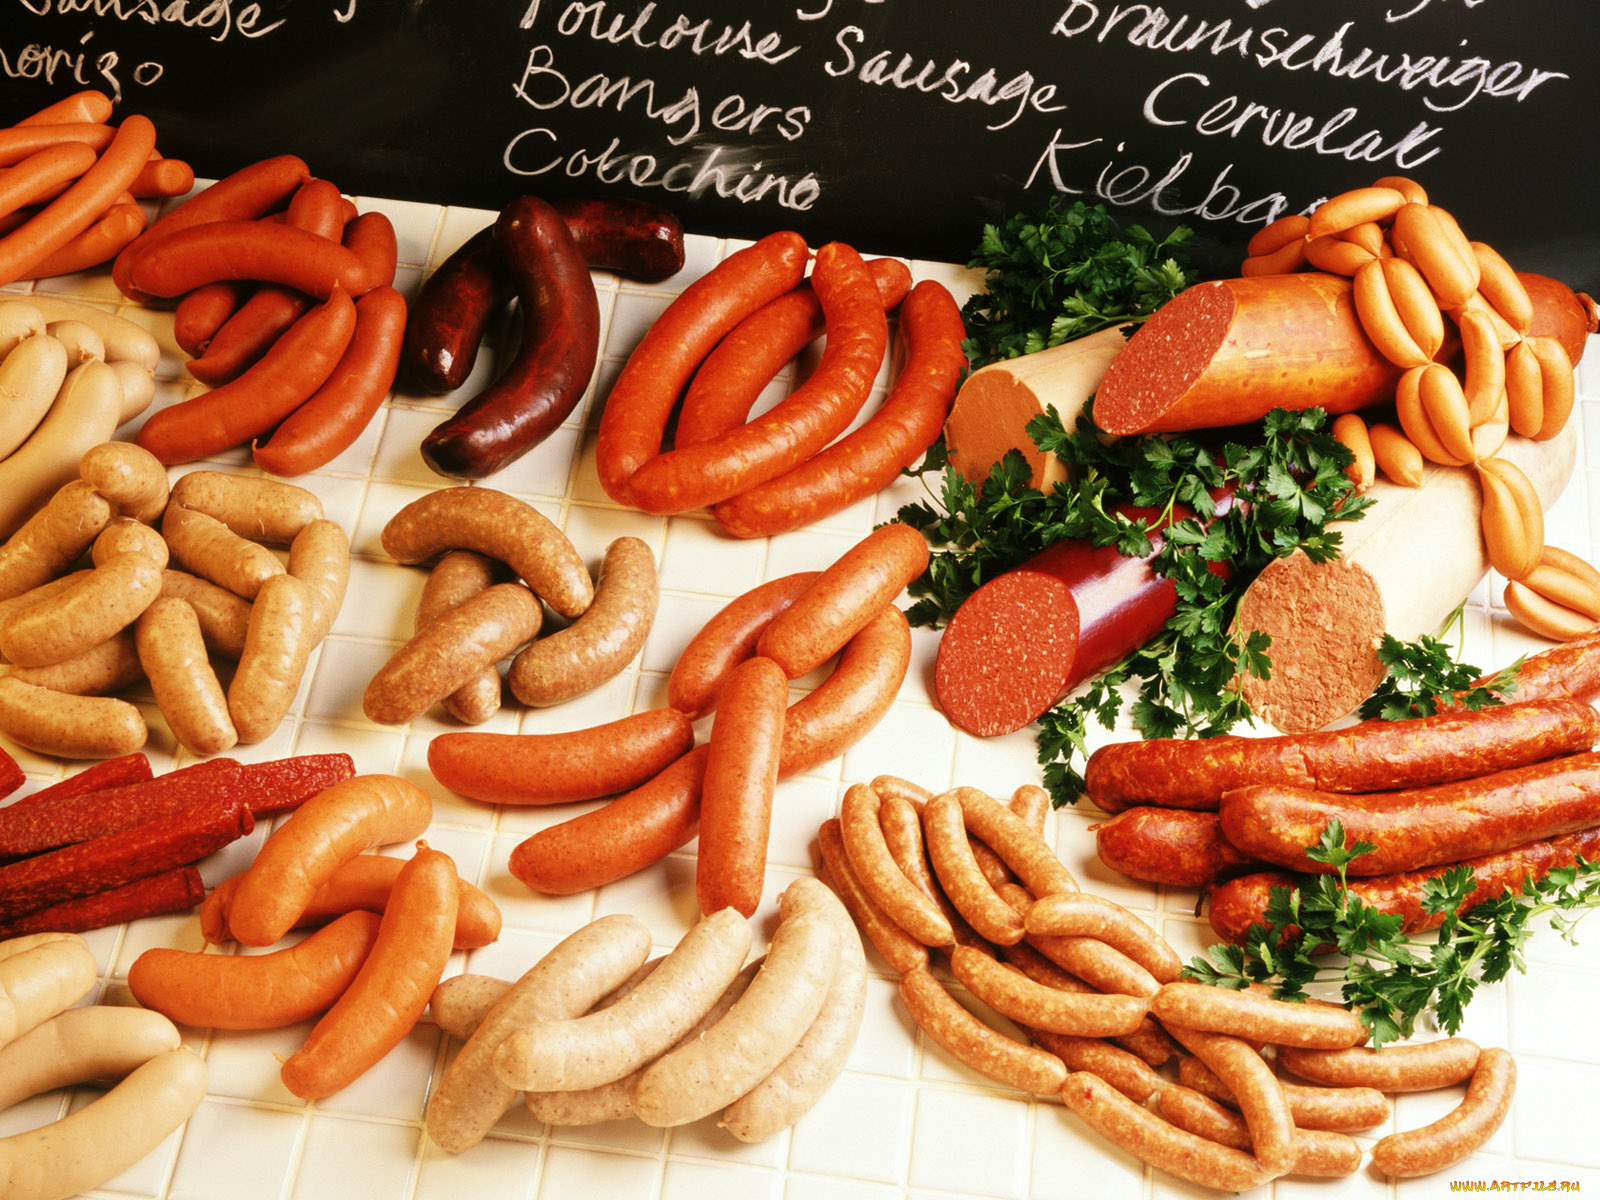 еда колбаса сосиски мясо салат  № 2121909 бесплатно